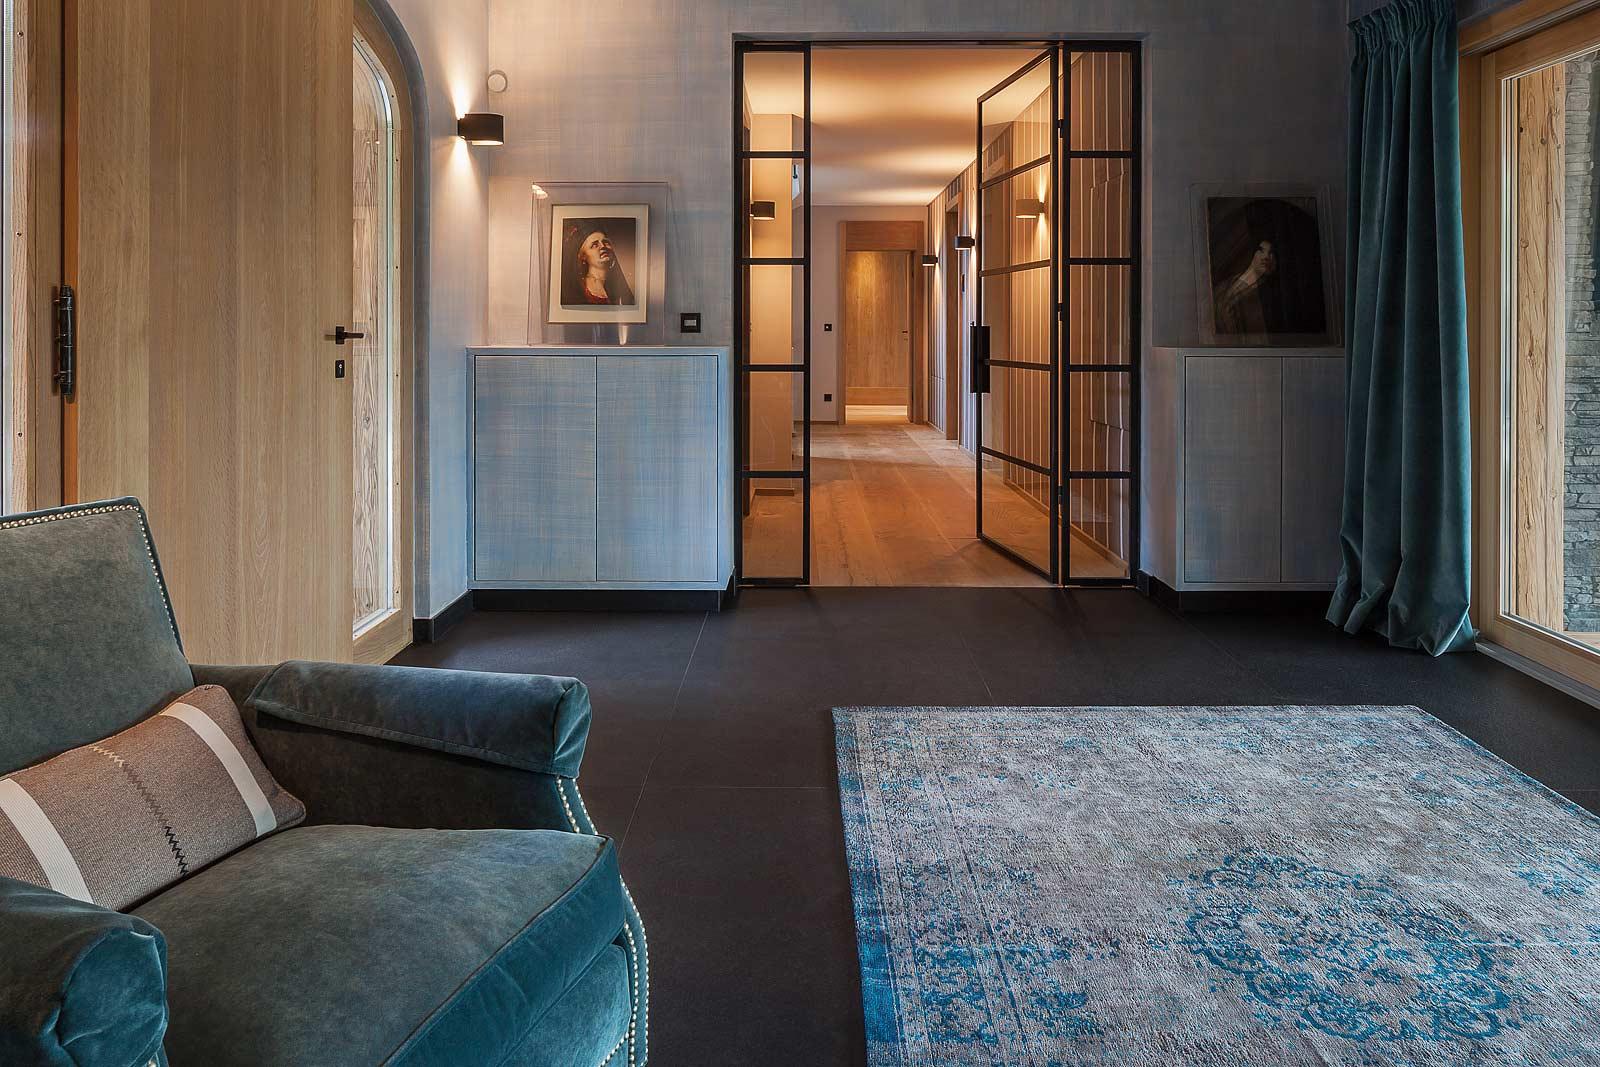 architekturfotografie Einfamilienhaus, diskrete Interiorfotografie, exklusiv Wohnen